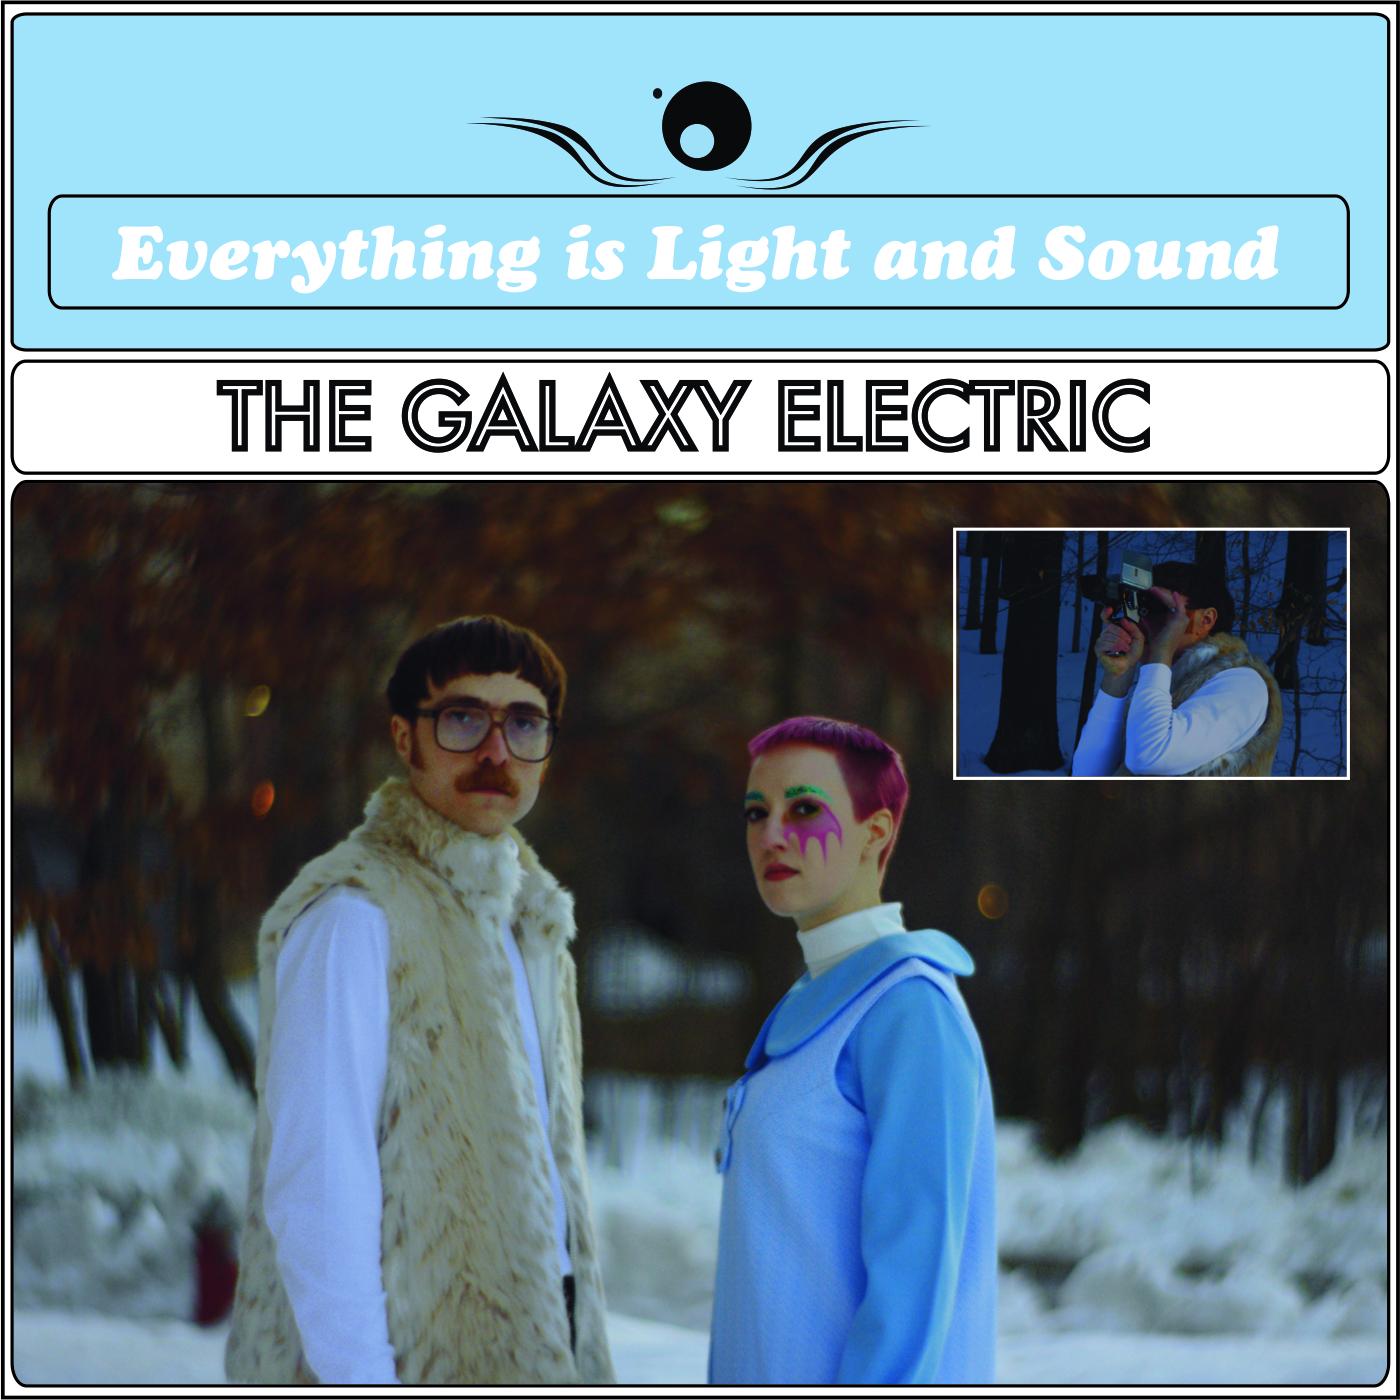 TheGalaxyElectric_EverythingisLightandSound_CoverArt.jpg